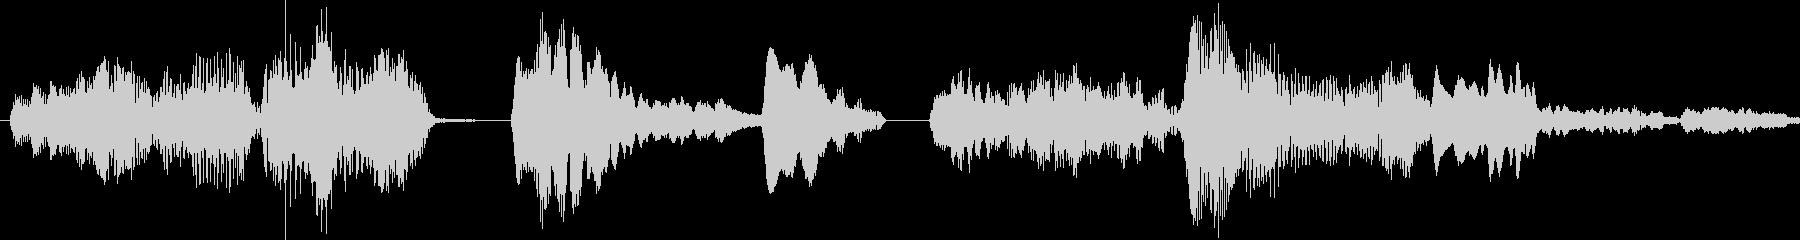 エイリアンorロボットがの発話音の未再生の波形